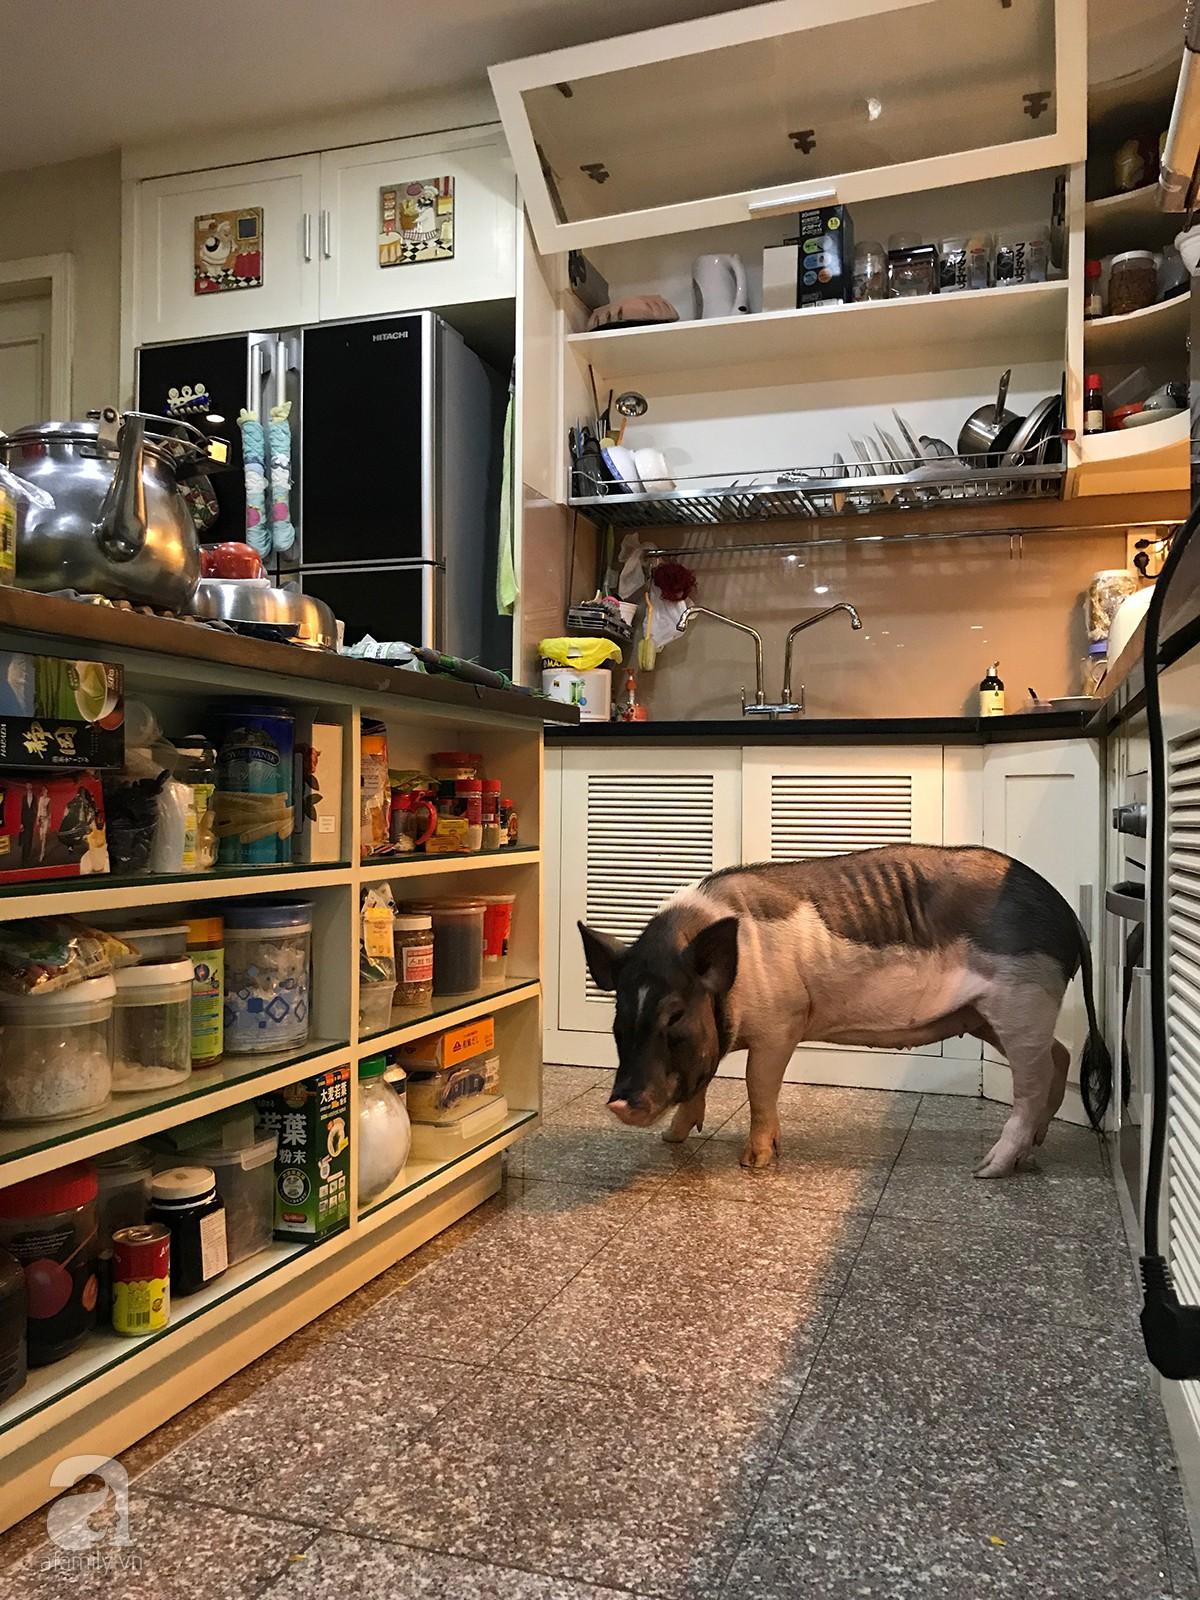 Gia đình ở Sài Gòn nuôi chú heo nặng gần 60kg, thực đơn riêng có tôm càng, xúc xích Đức, tổ yến 17